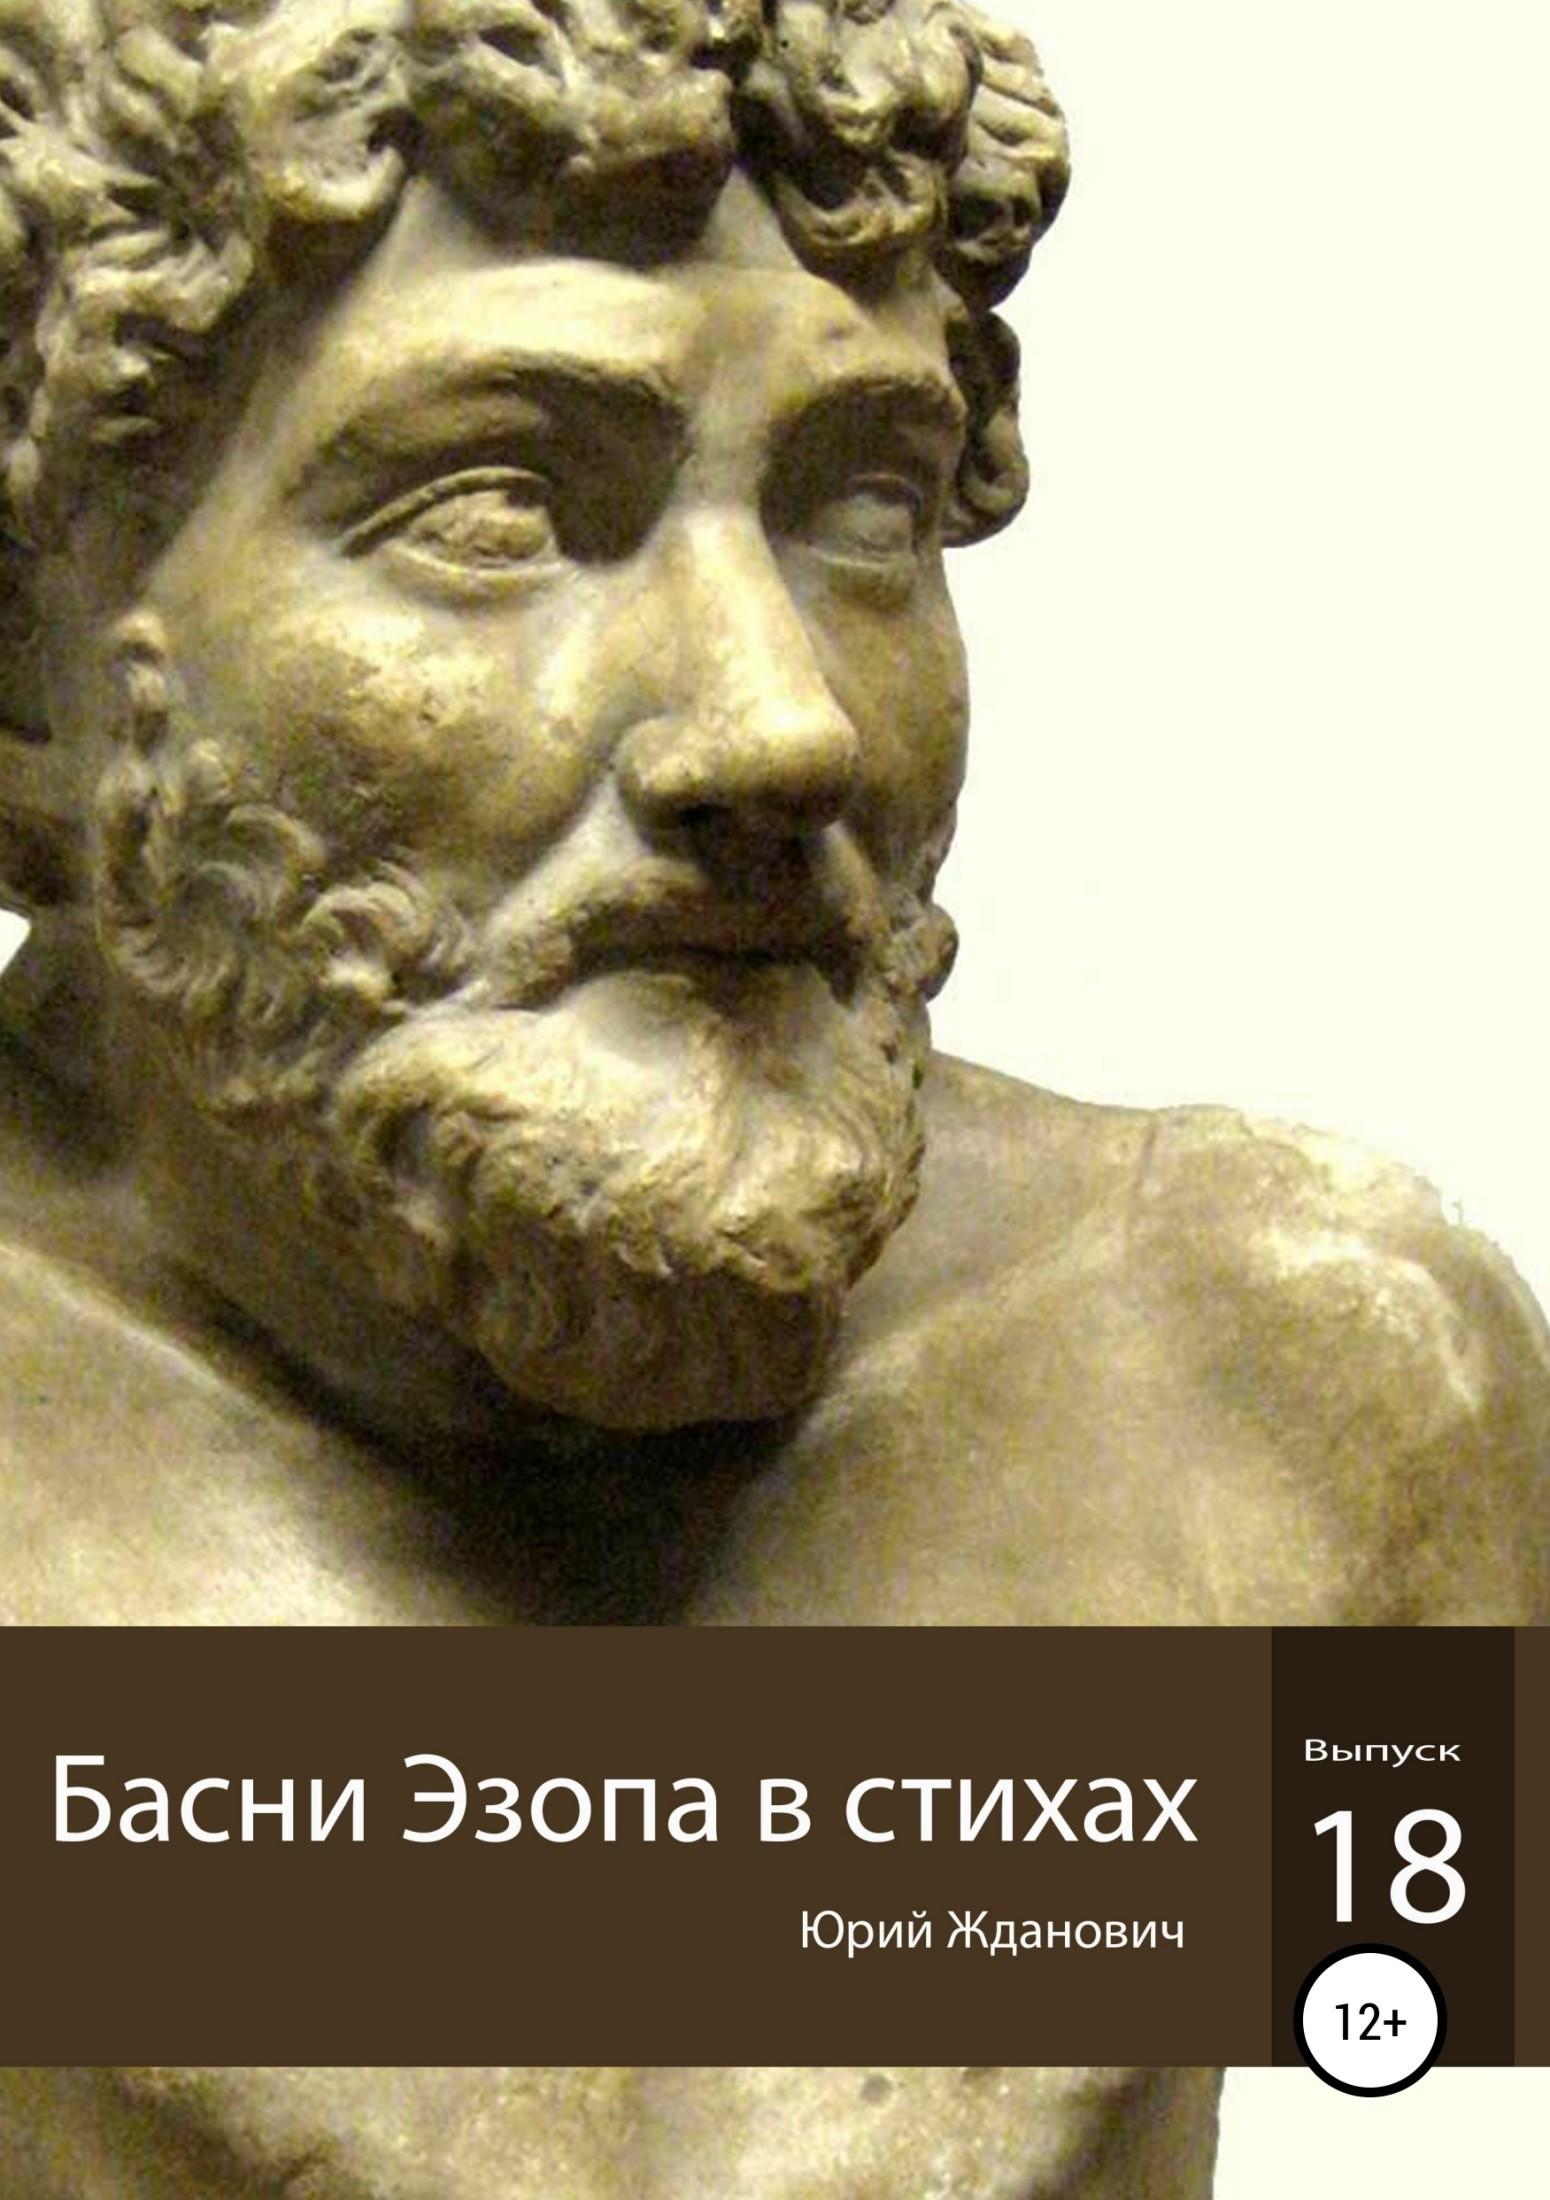 Юрий Михайлович Жданович Басни Эзопа в стихах. Выпуск 18